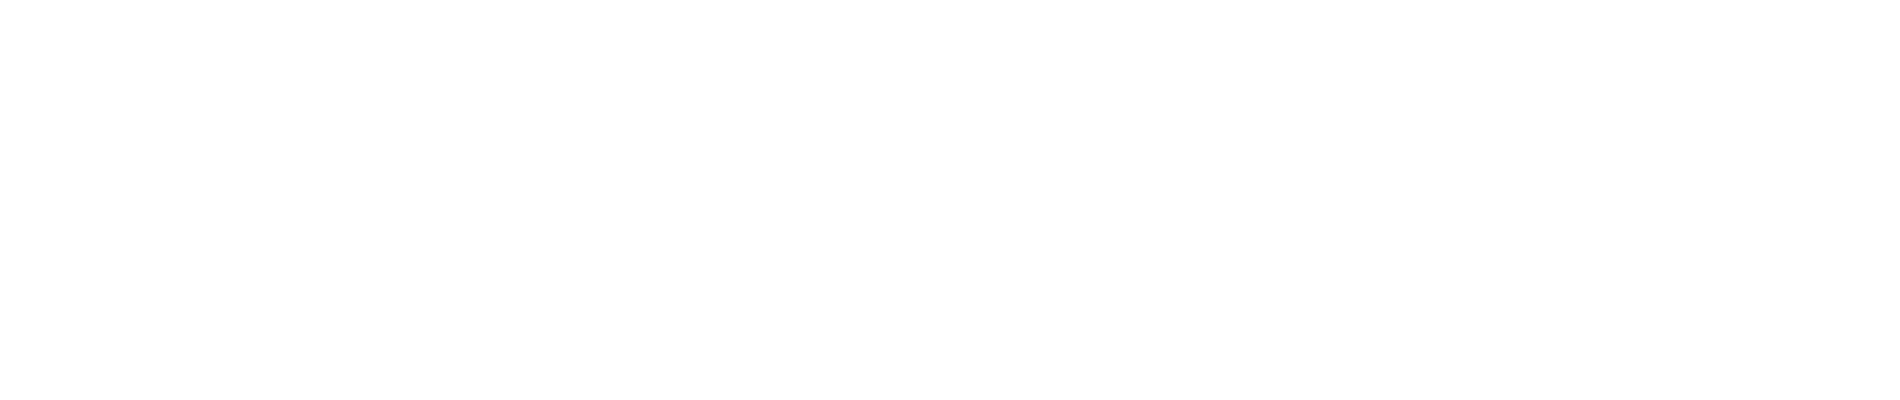 ünal-hukuk-site-logo